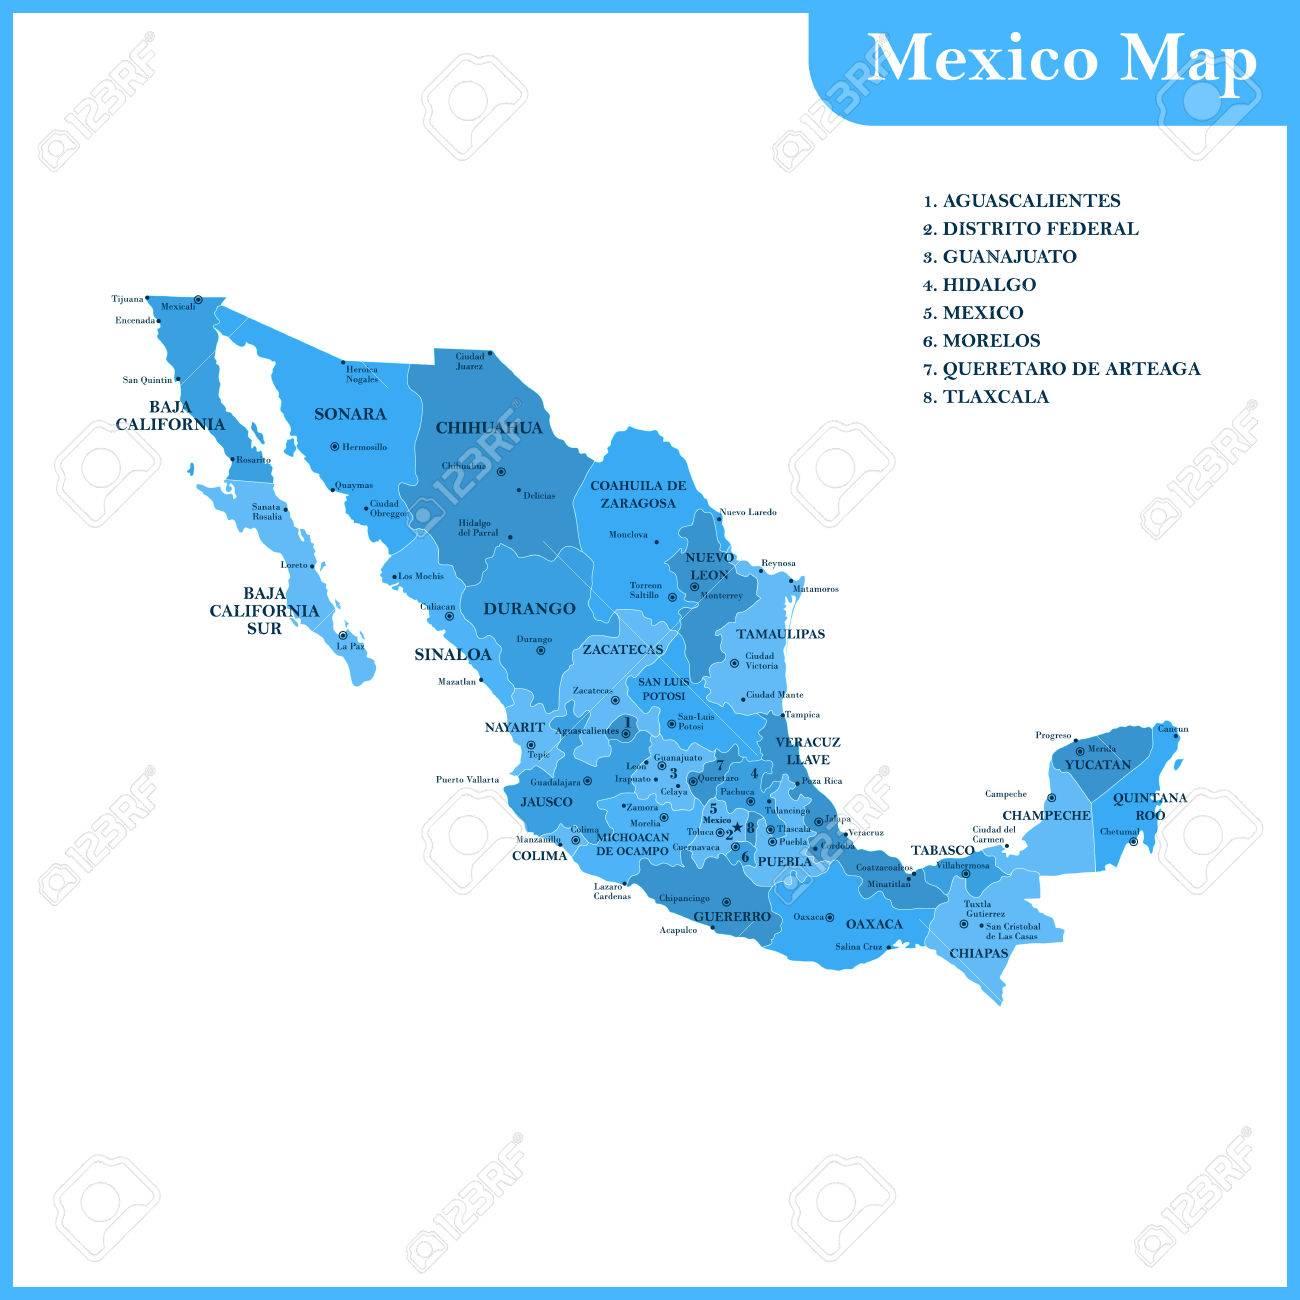 El Mapa Detallado Del Mexico Con Regiones O Estados Y Ciudades